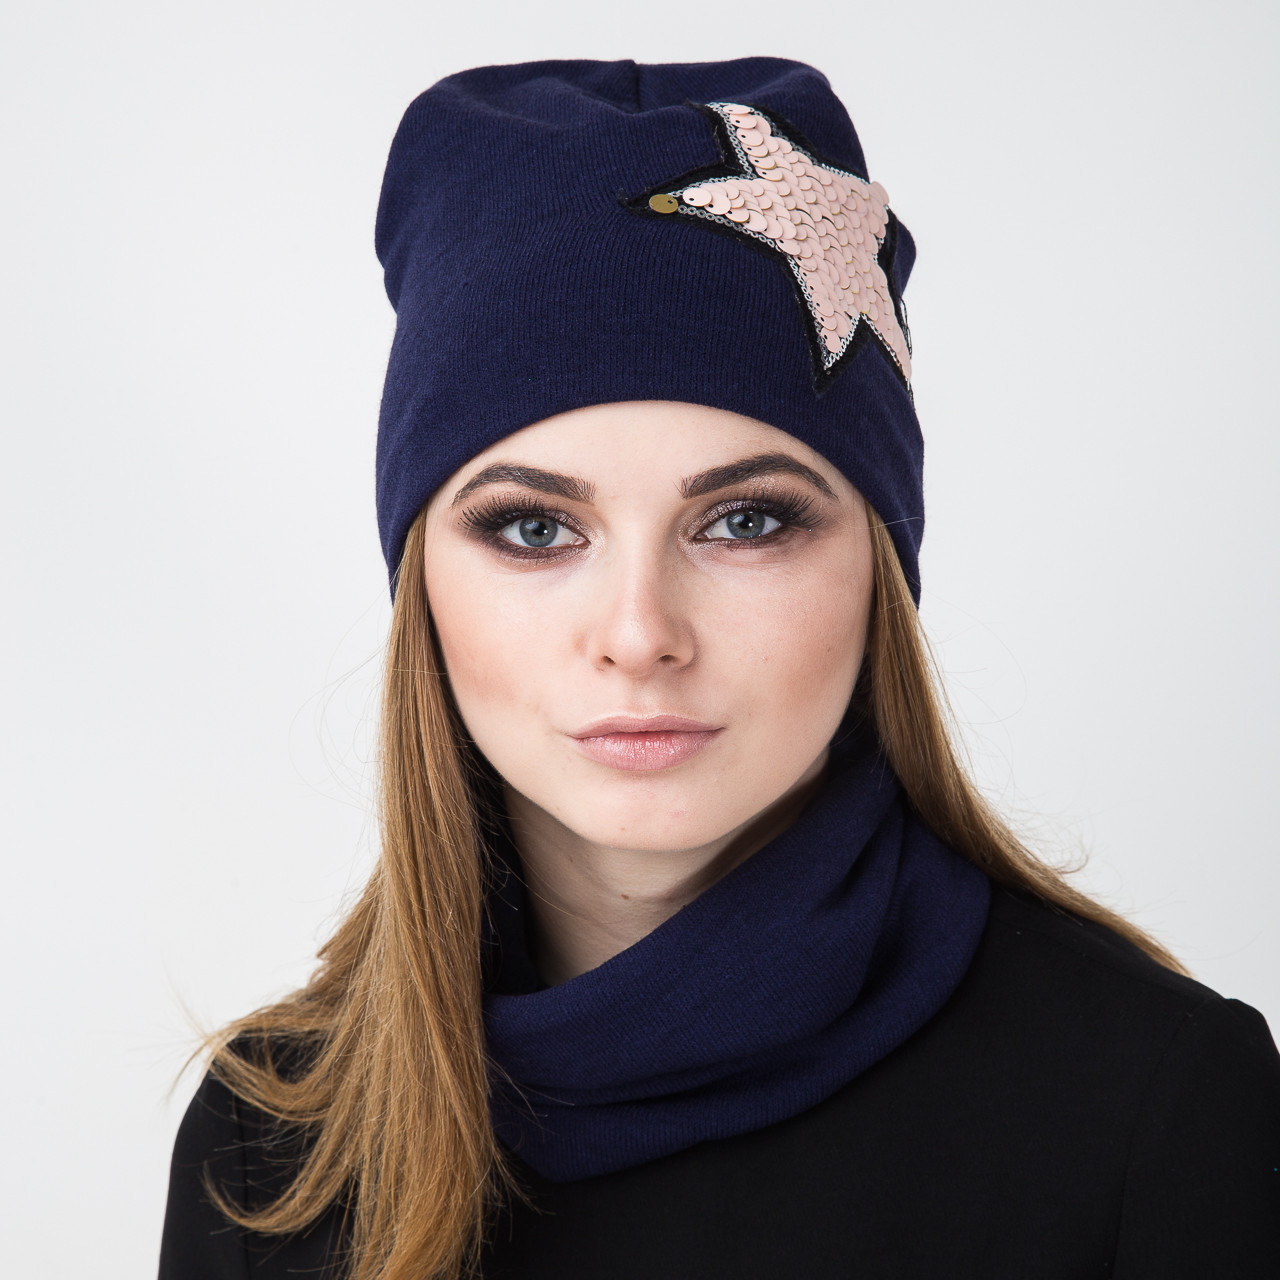 Зимний женский вязаный комплект (шапка + хомут) на флисе - STAR - Арт 2143